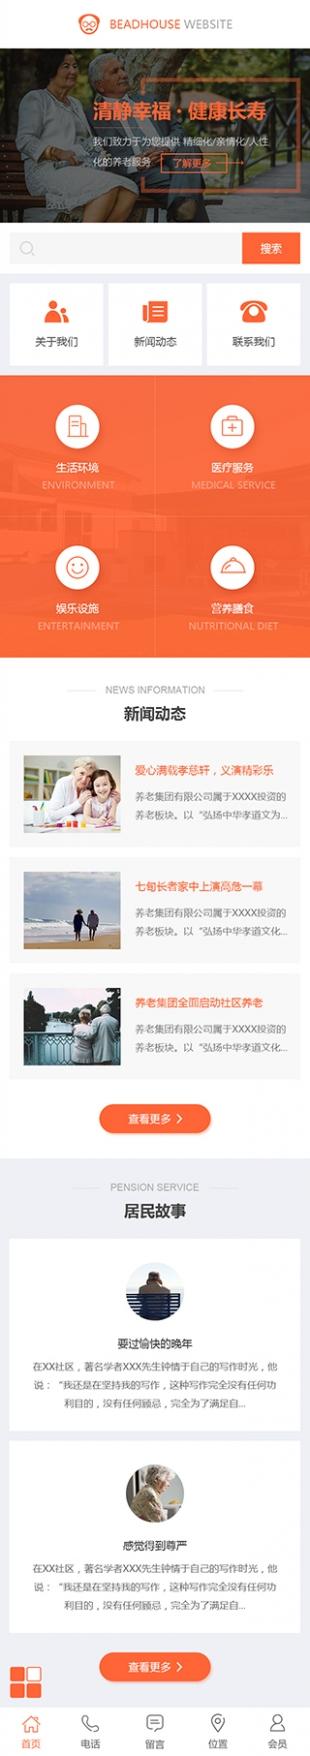 养老院类网站制作模板手机图片